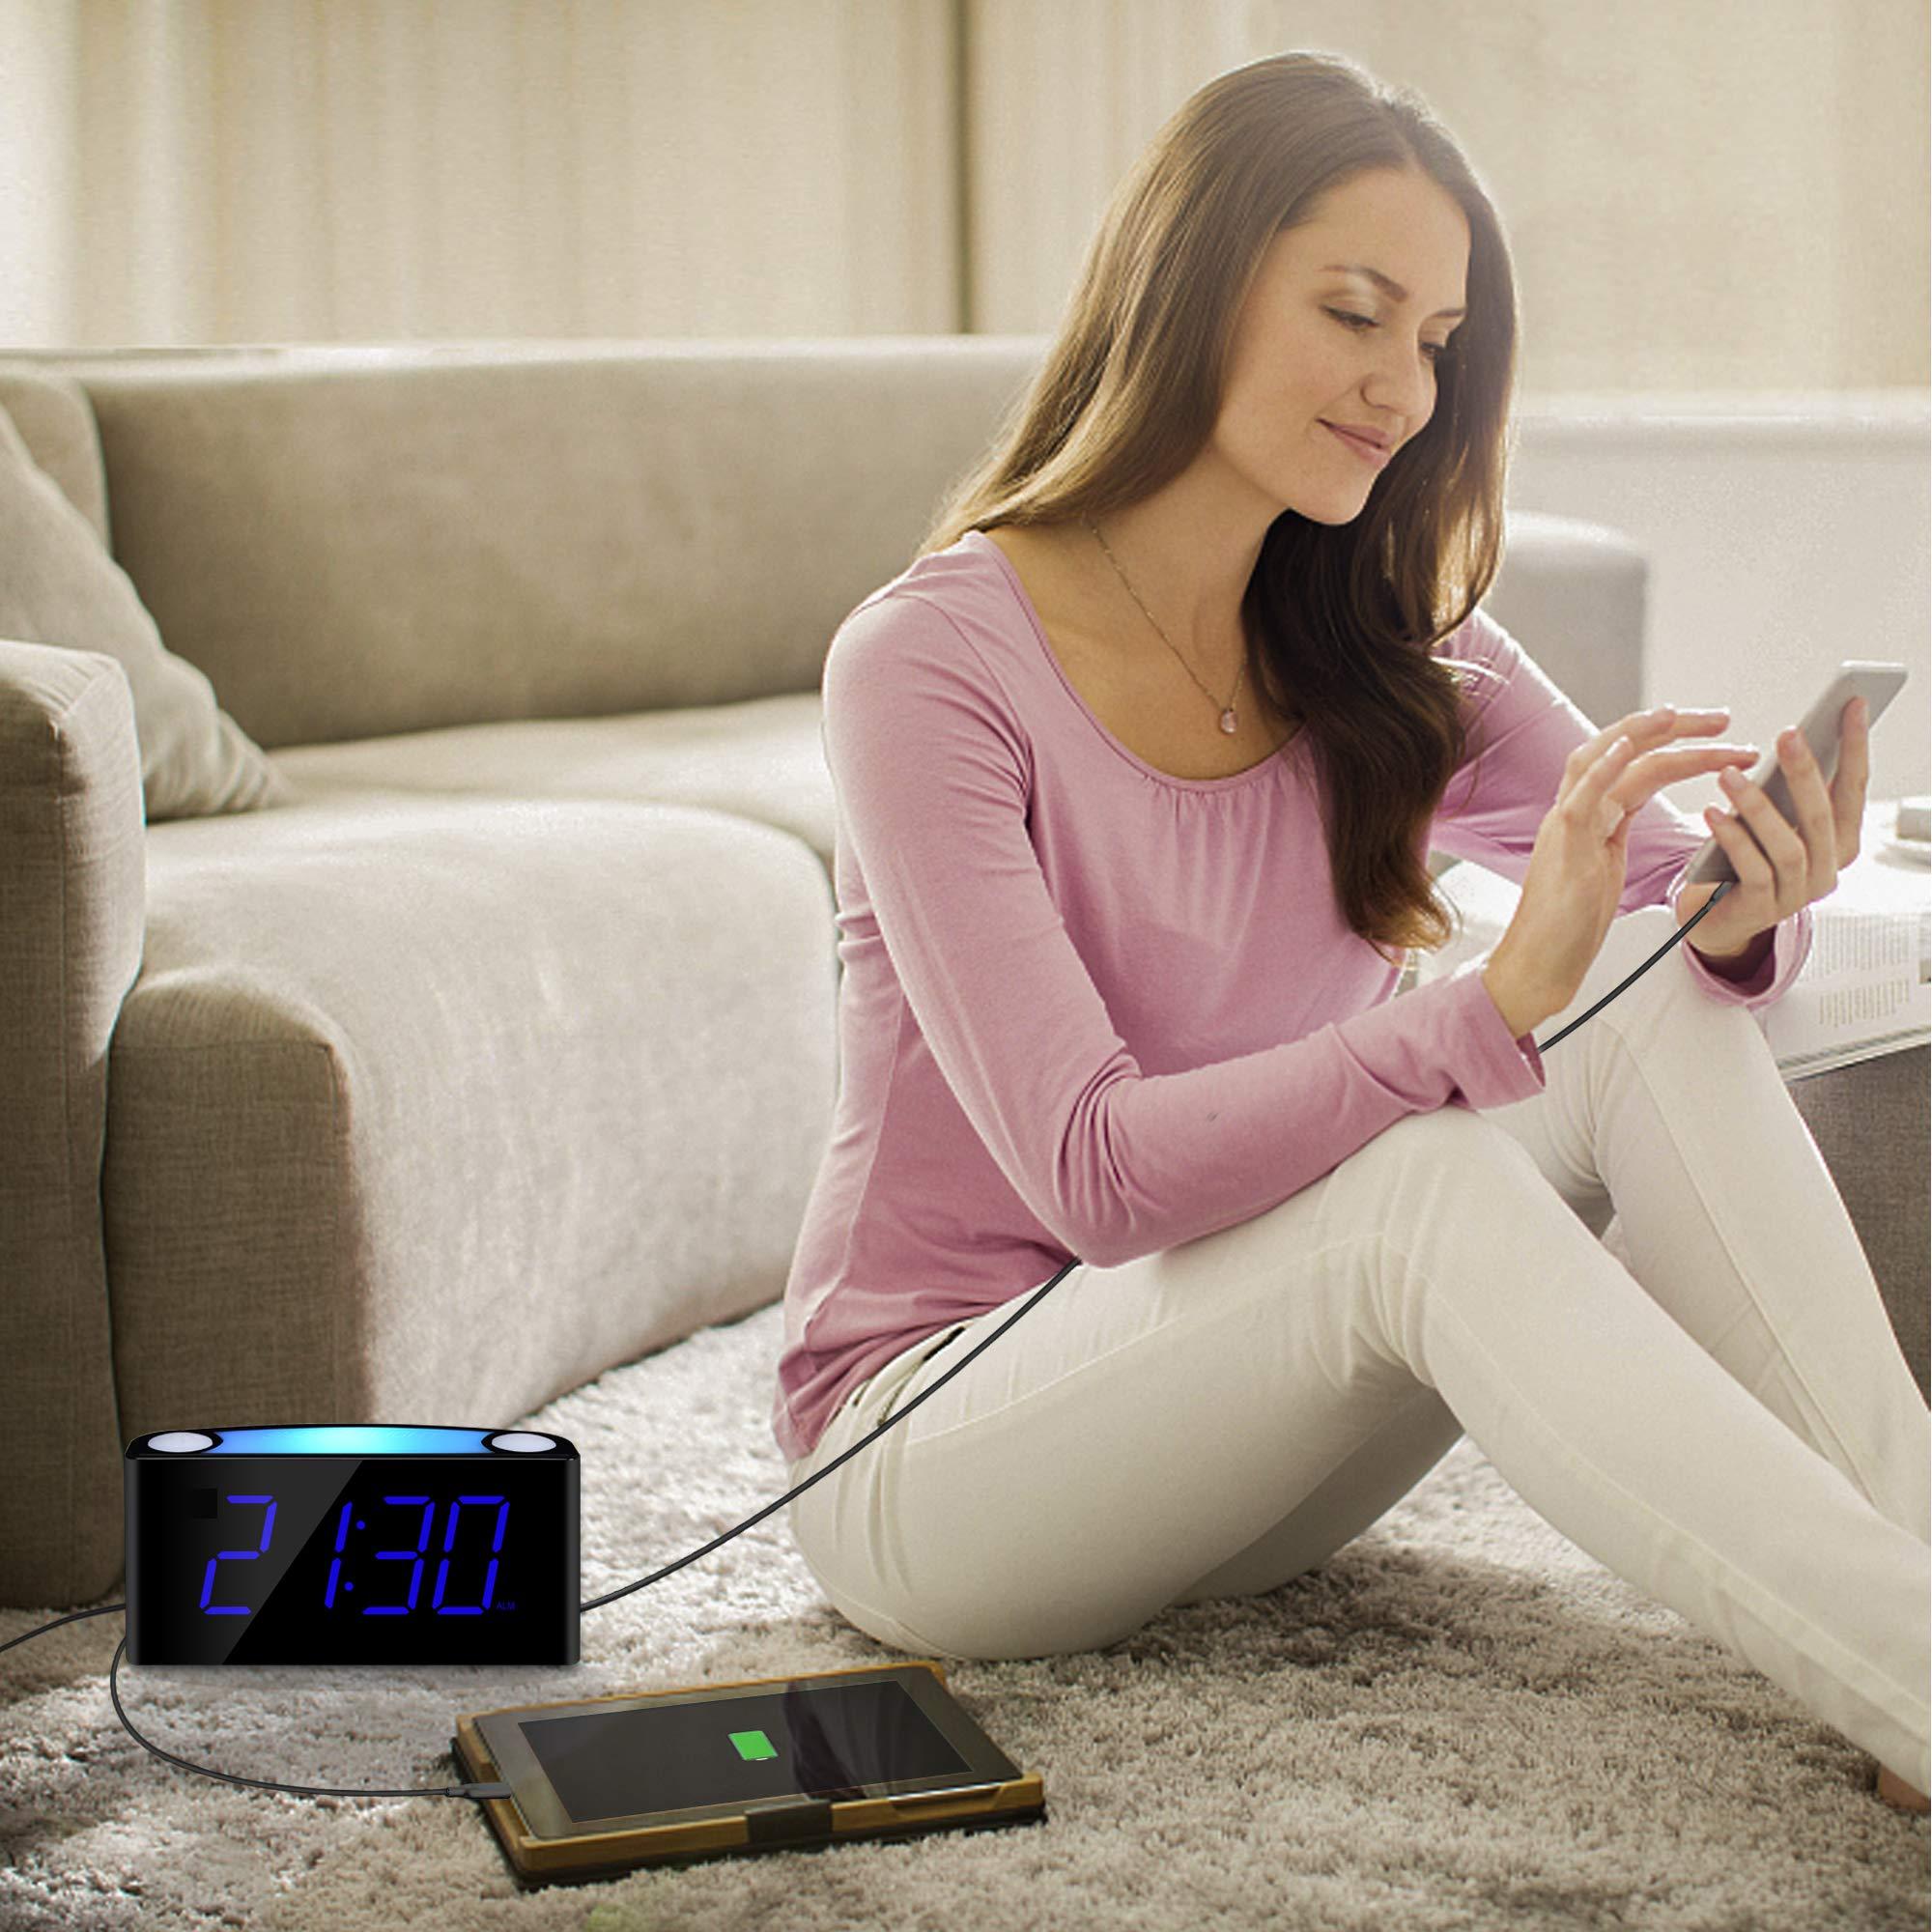 Mesqool Großer 7-Zoll-Display LED-Digitalwecker mit 7 farbigen Nachtlichtern, ohne Schnickschnack leicht zu handhaben, Vollbild Bildschirm Helligkeitsdimmer, 3 Weckerlautstärken, 2 USB-Anschlüsse, Schlummerfunktion, Batterien für Backup von